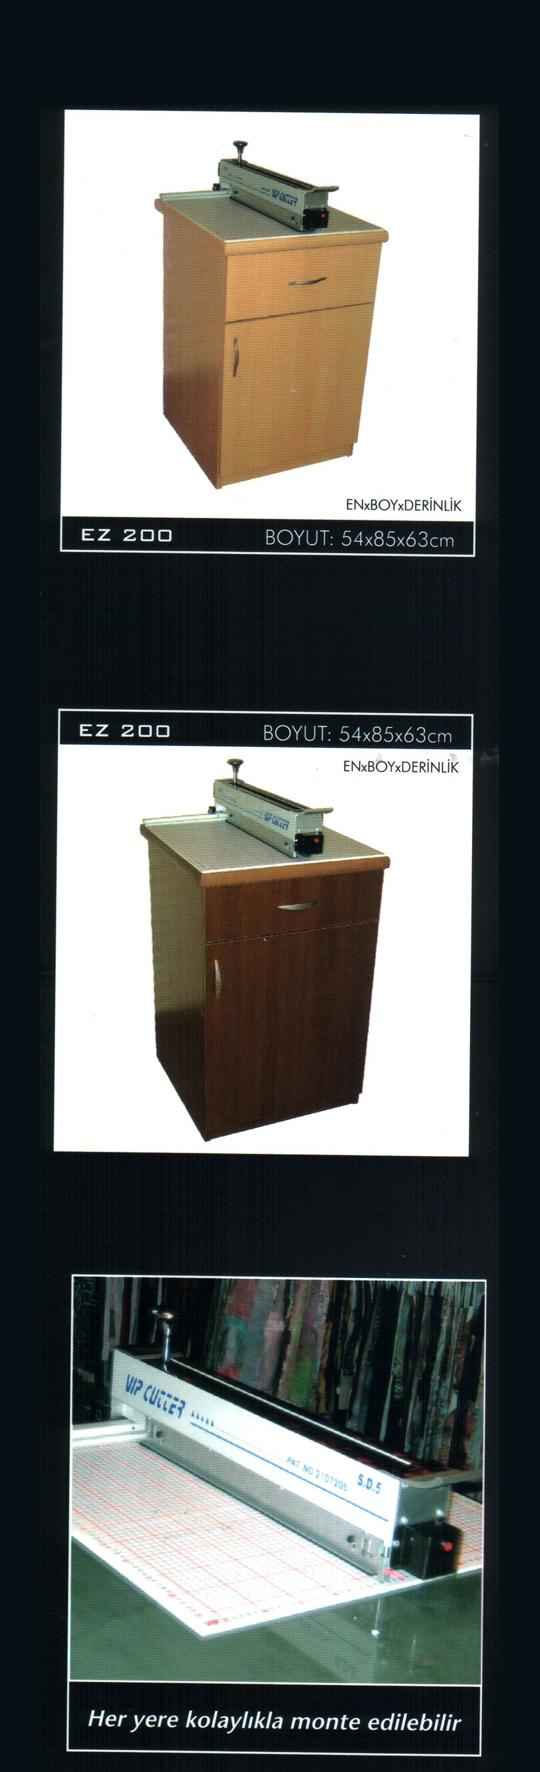 Kartela Kumaş Kesme Makinası Kumaş Kesim Makinası